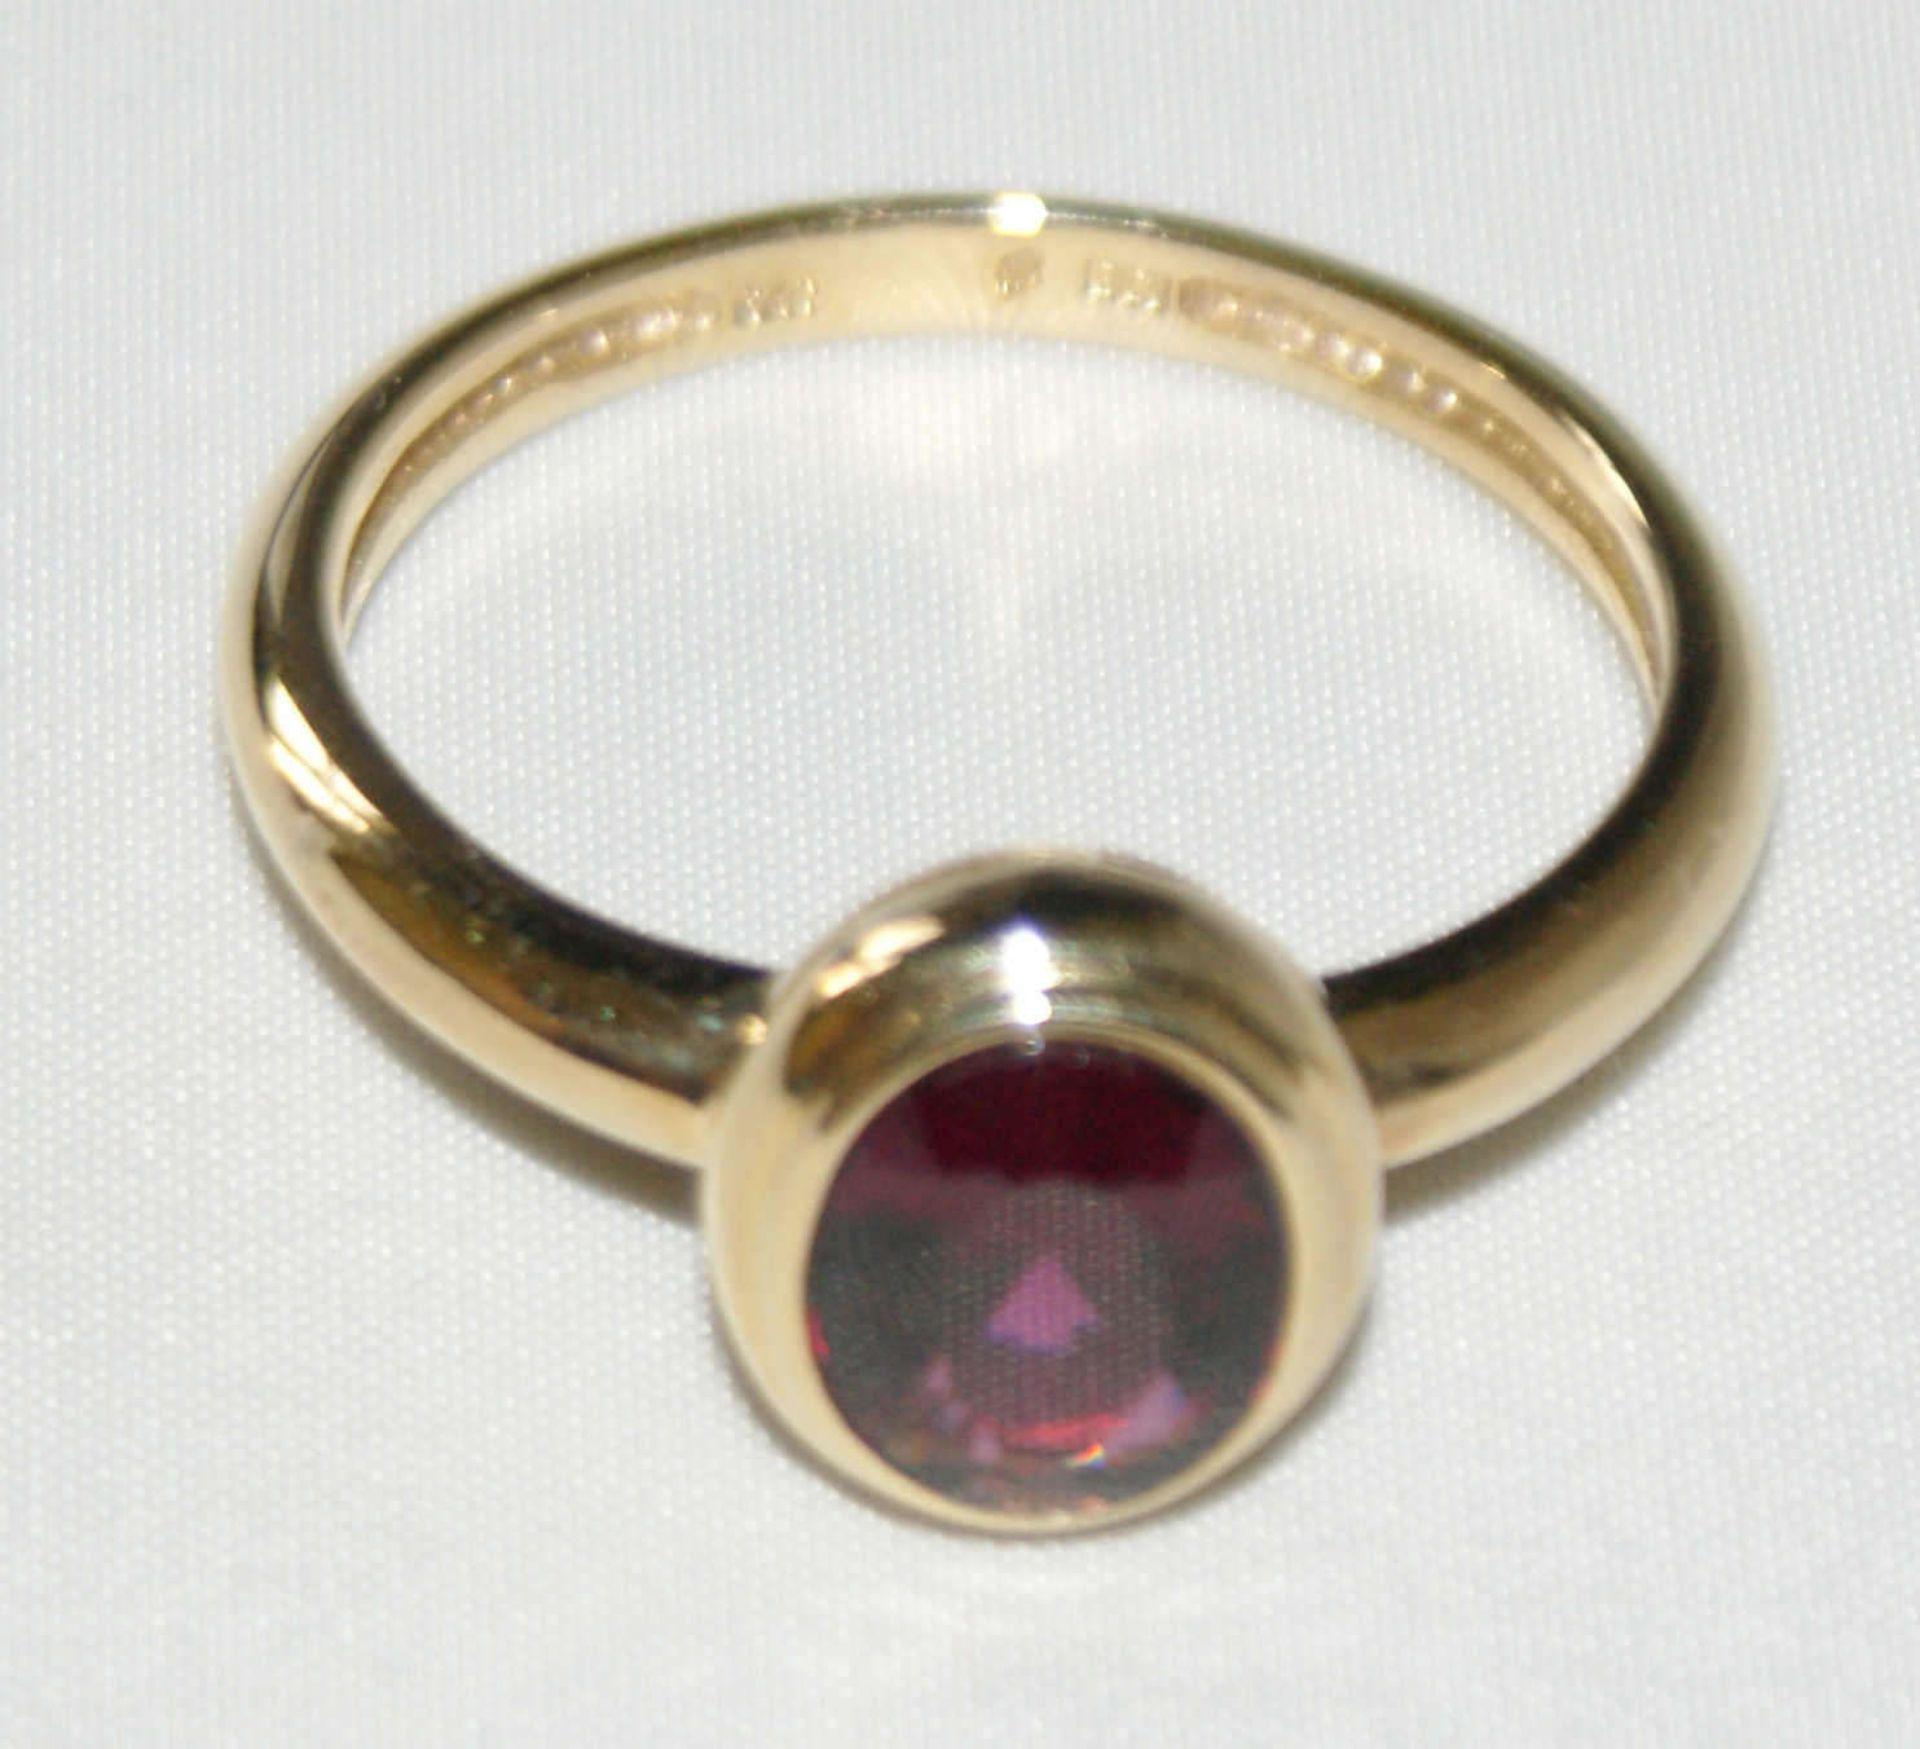 Damenring, 750er Gelbgold, besetzt mit 1 Amethyst, Ringgröße 66, Gewicht ca. 4,1 gr - Bild 2 aus 2